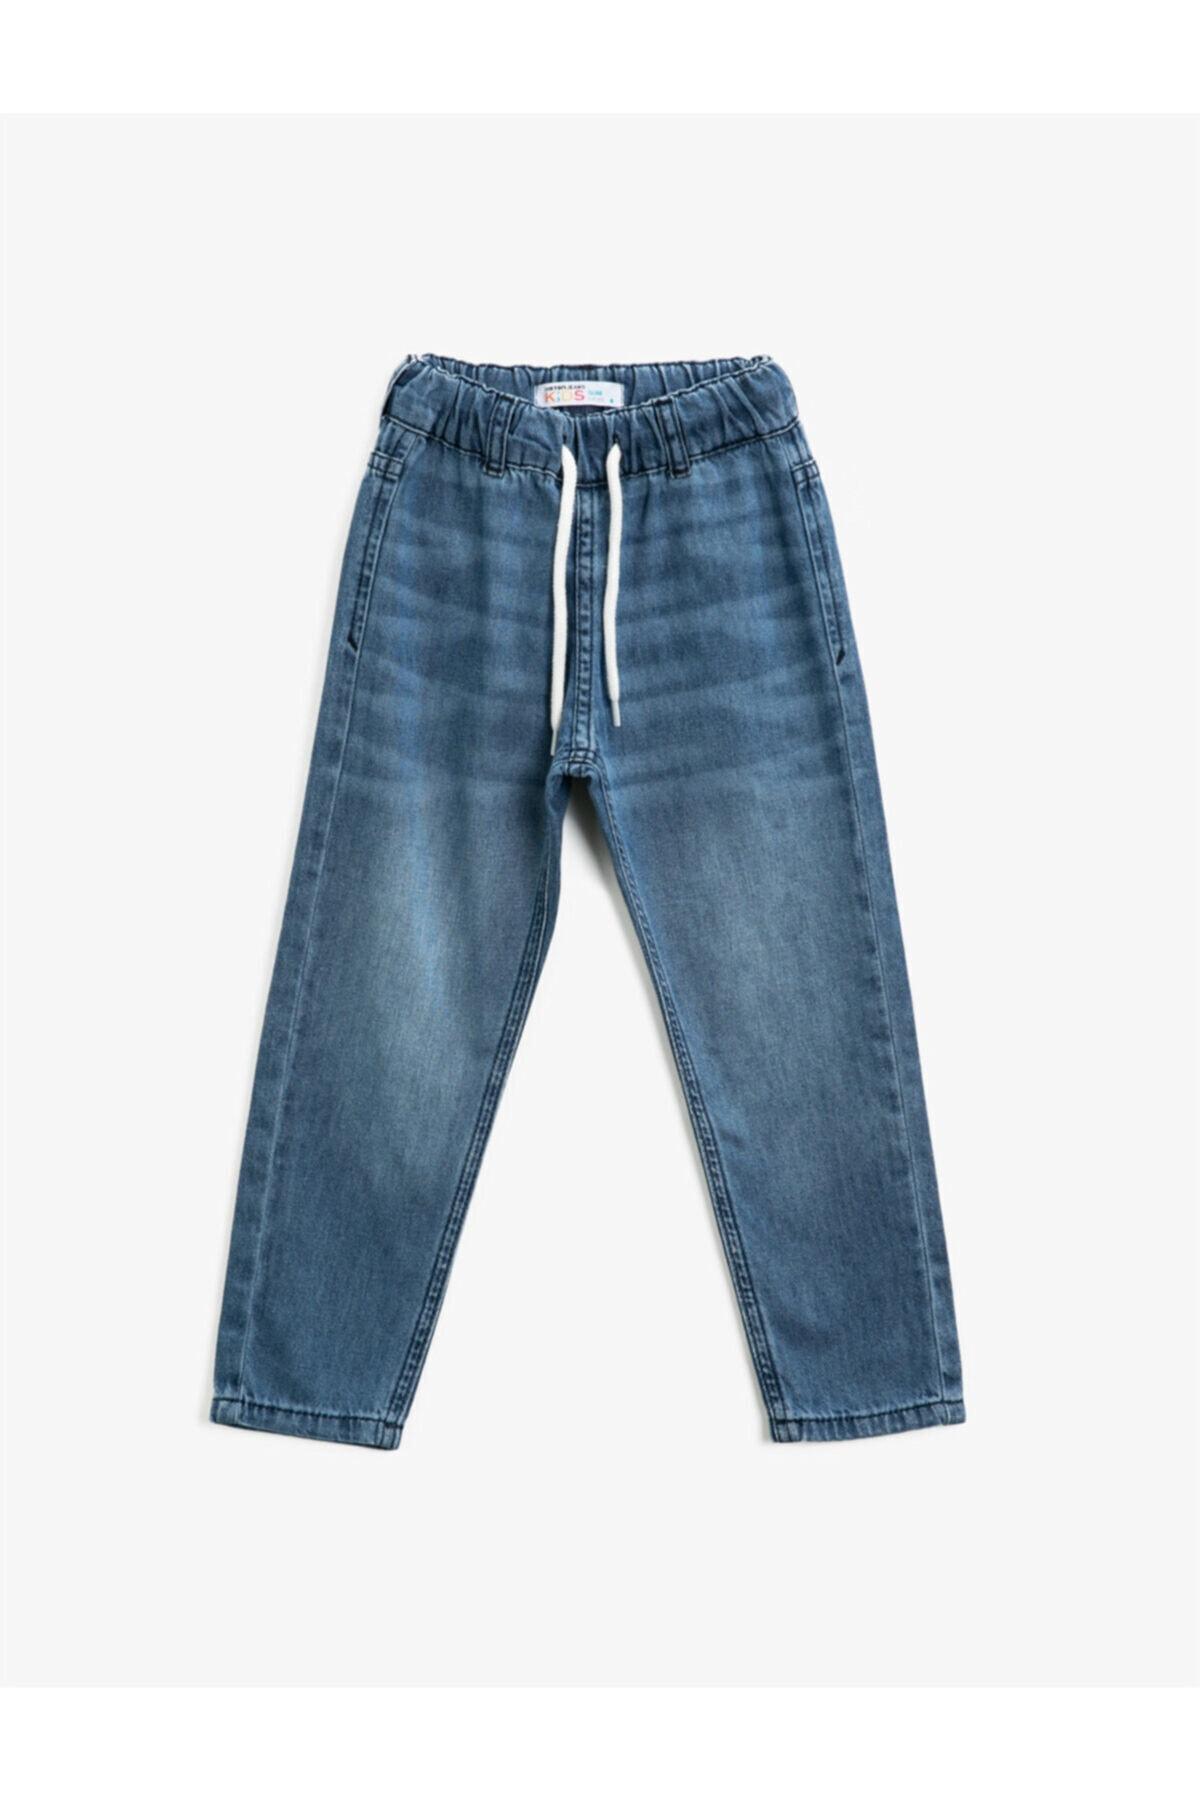 Erkek Çocuk Mavi Beli Bağlamalı Pamuklu Jean